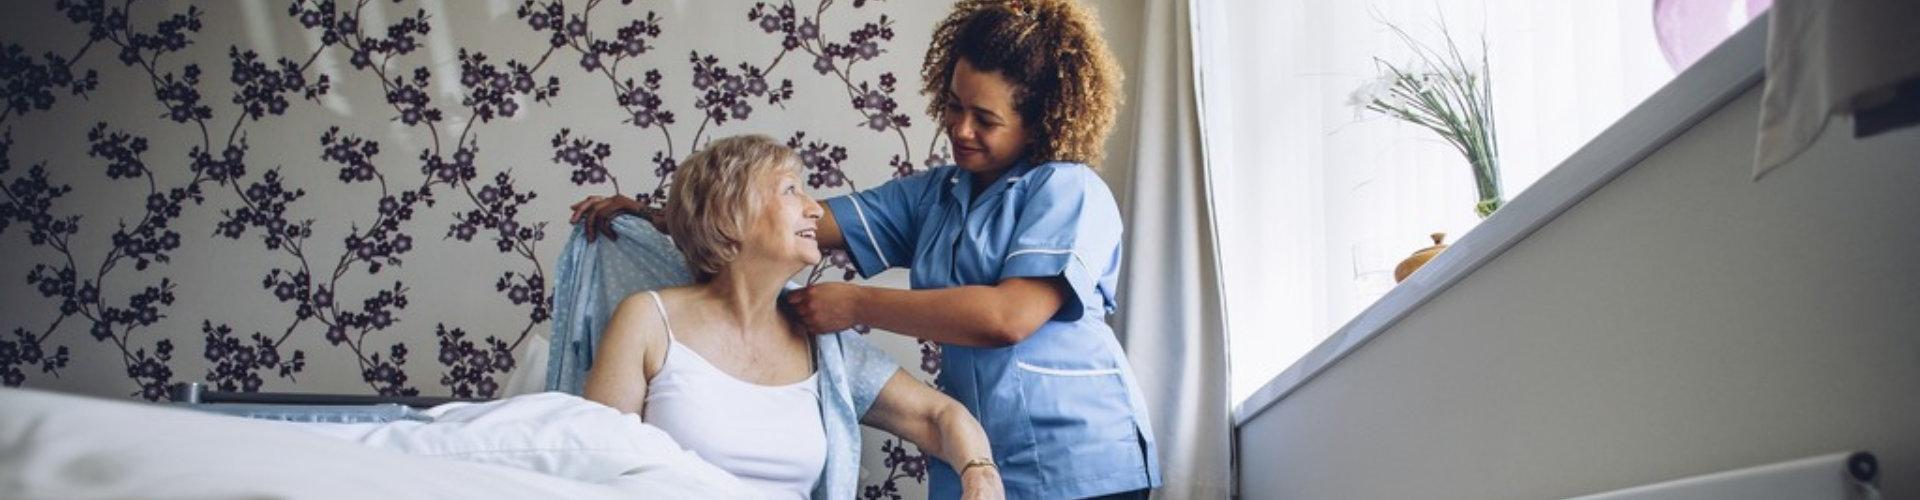 nurse dressing up patient